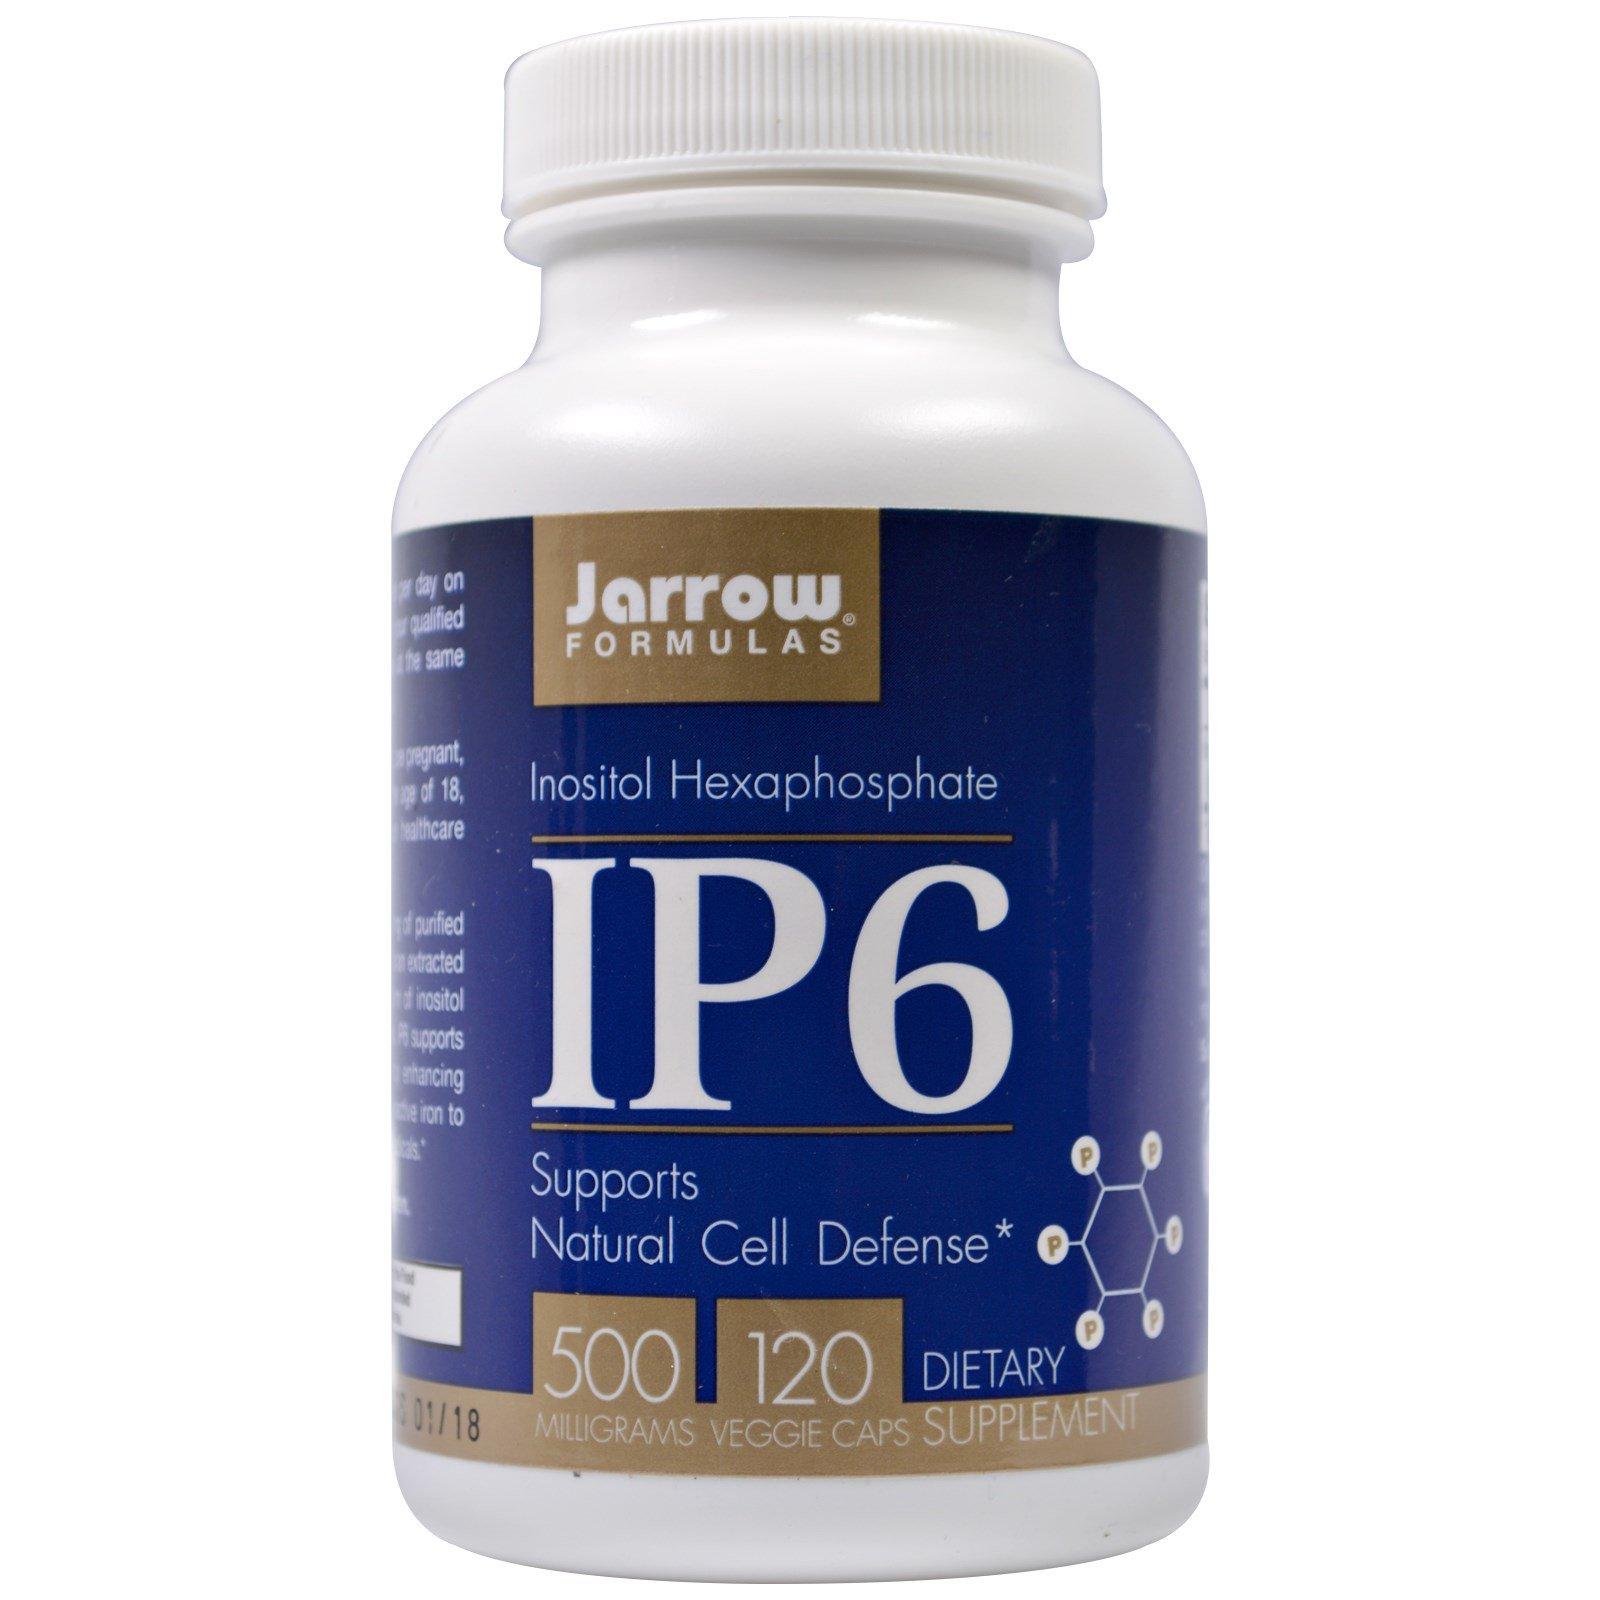 Details about IP6- Inositol Hexaphosphate 500 mg (120 Vegetarian Capsules)  - Jarrow Formulas